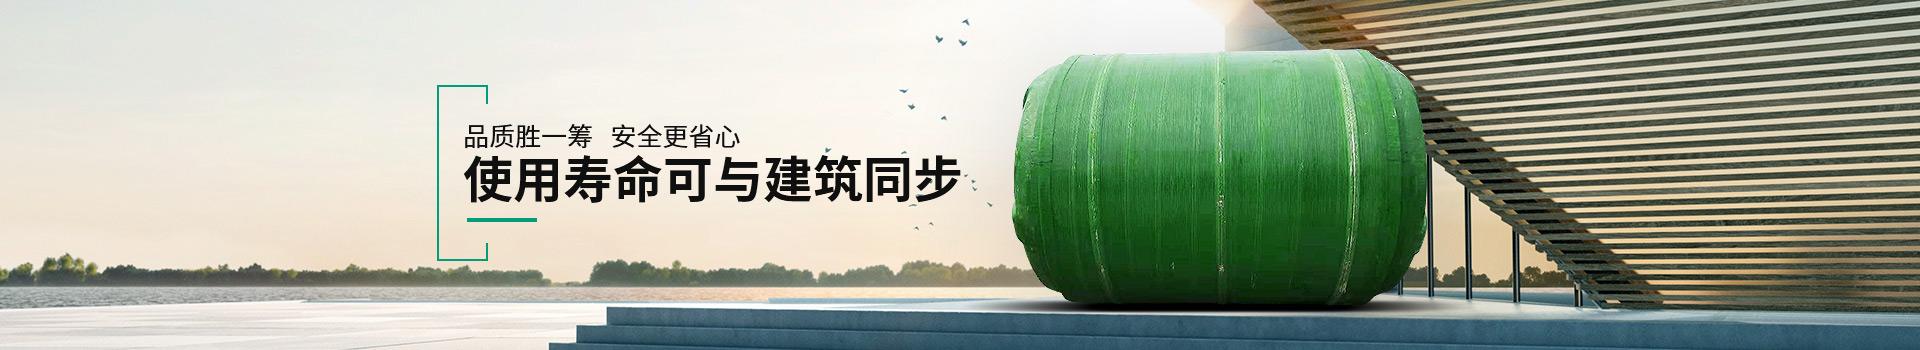 安徽清飞玻璃钢化粪池使用寿命与建筑同步